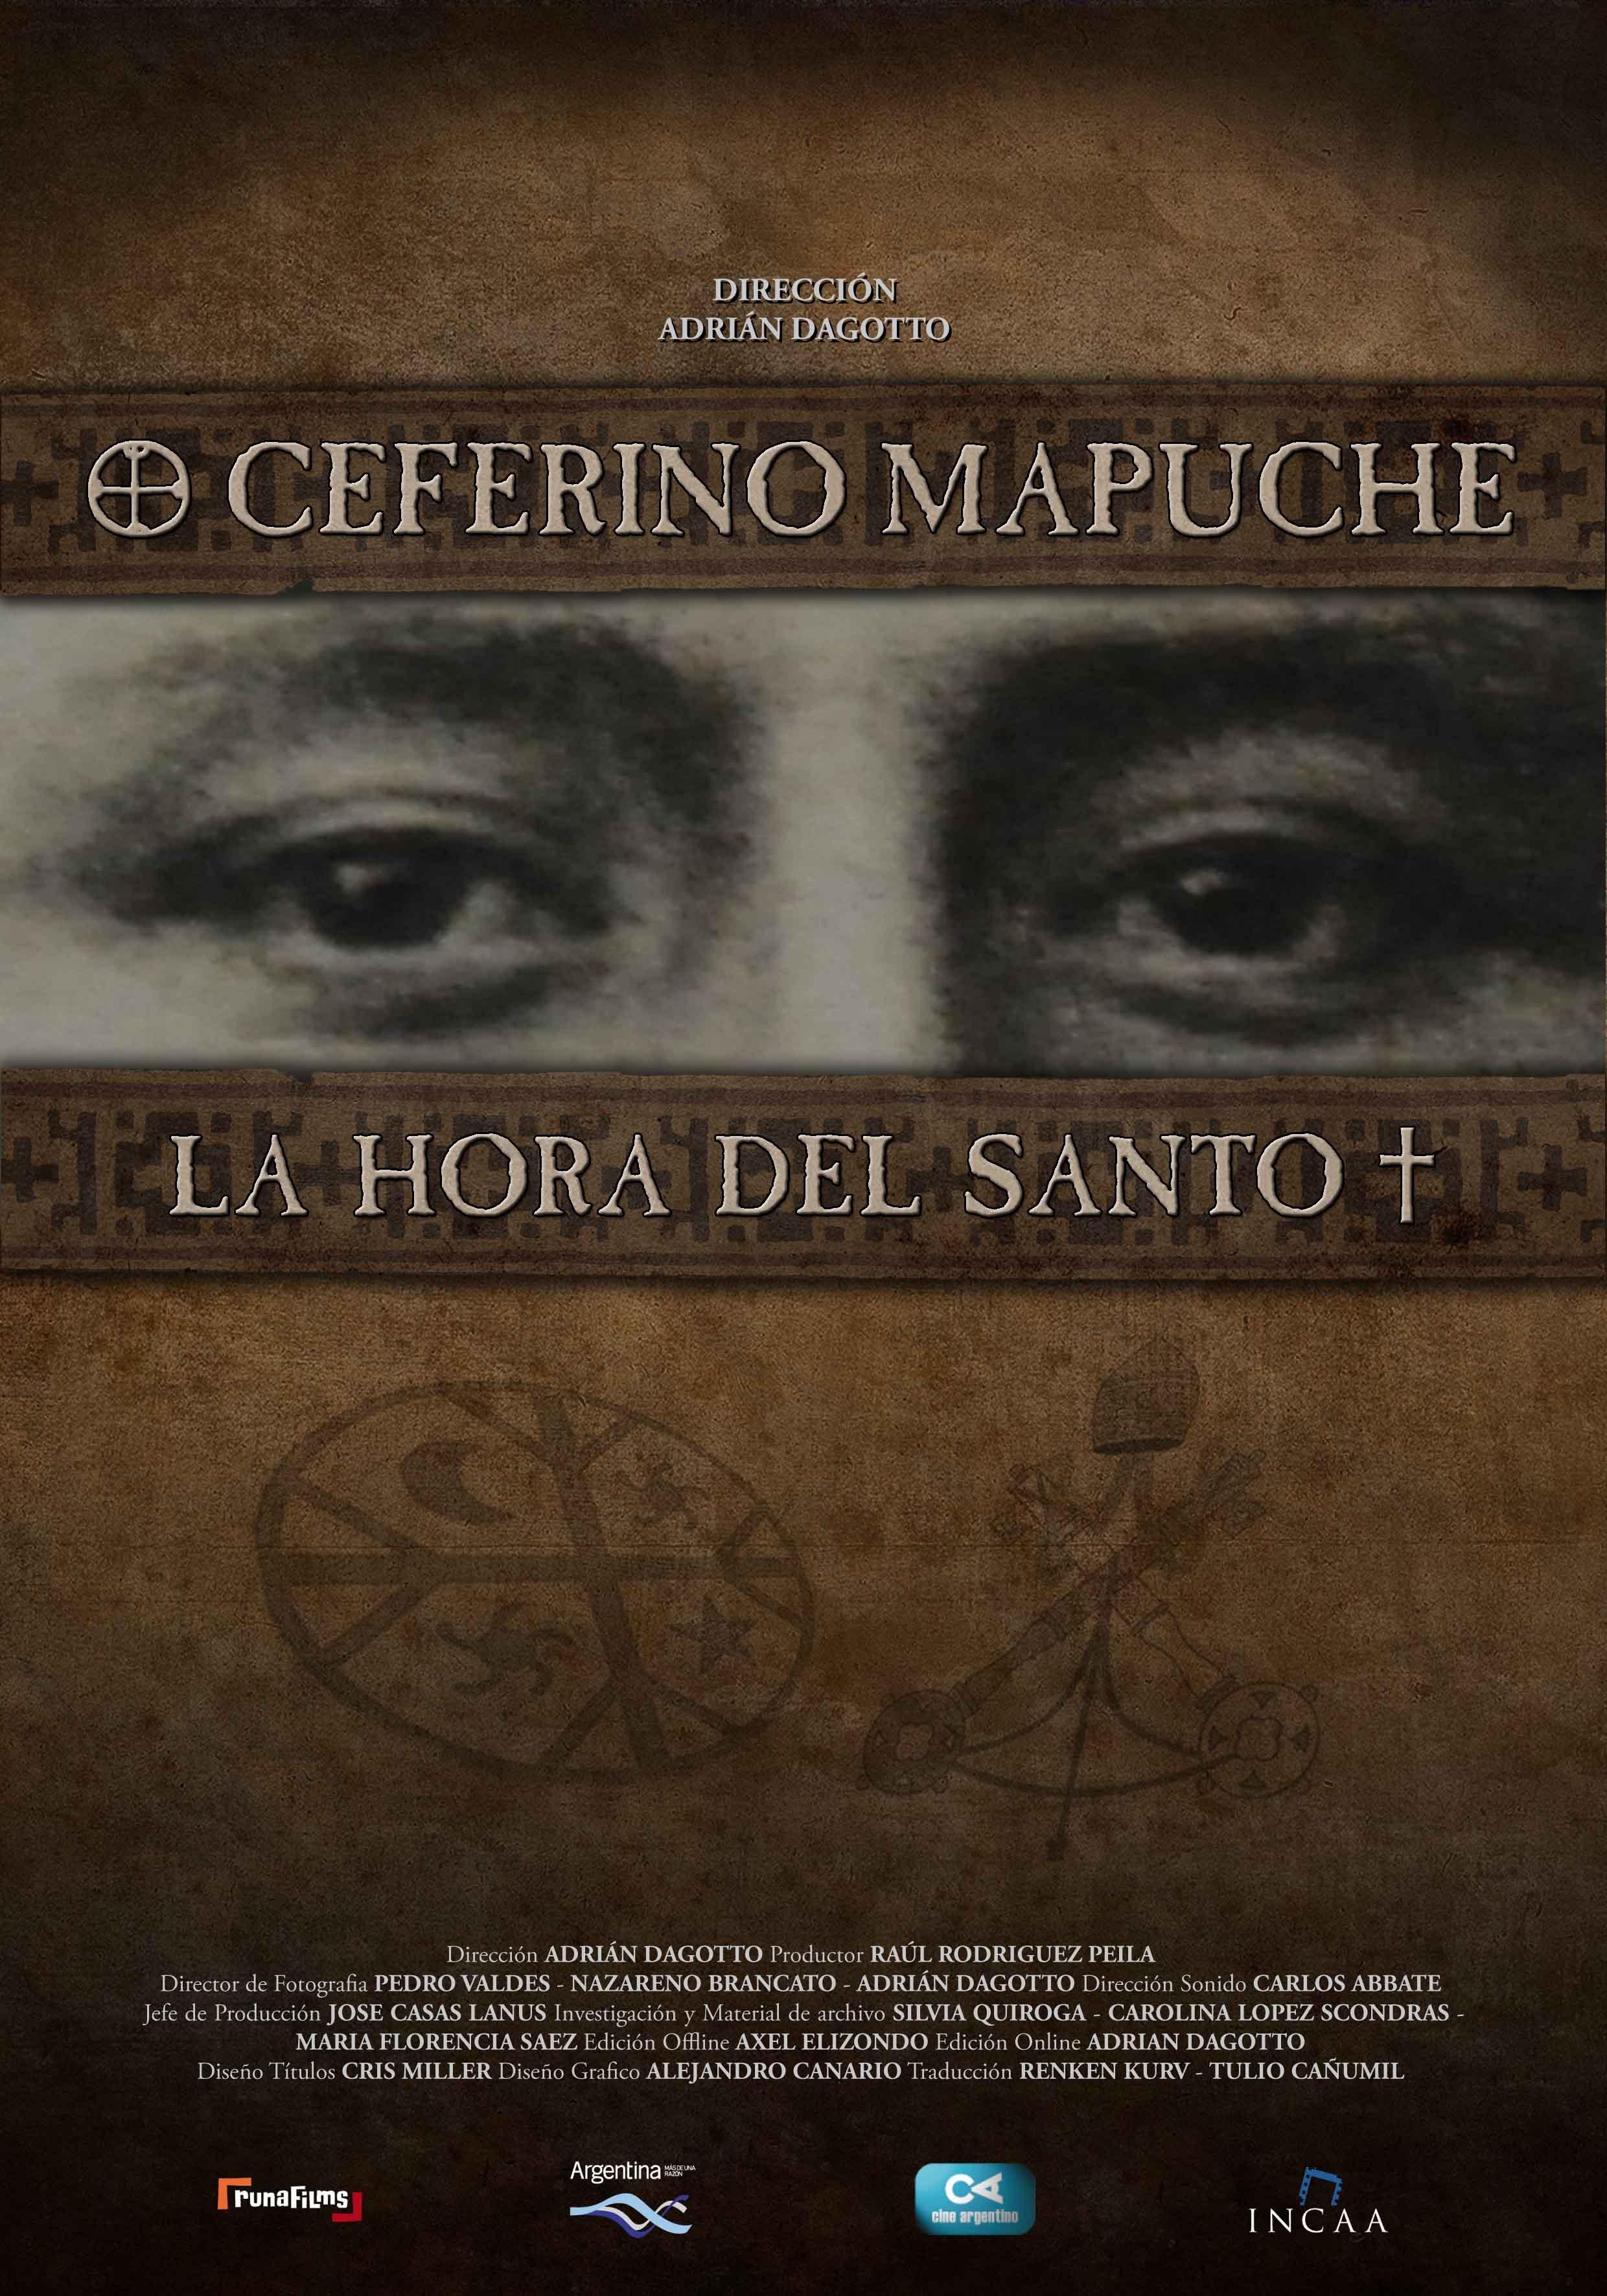 Ceferino mapuche la hora del santo